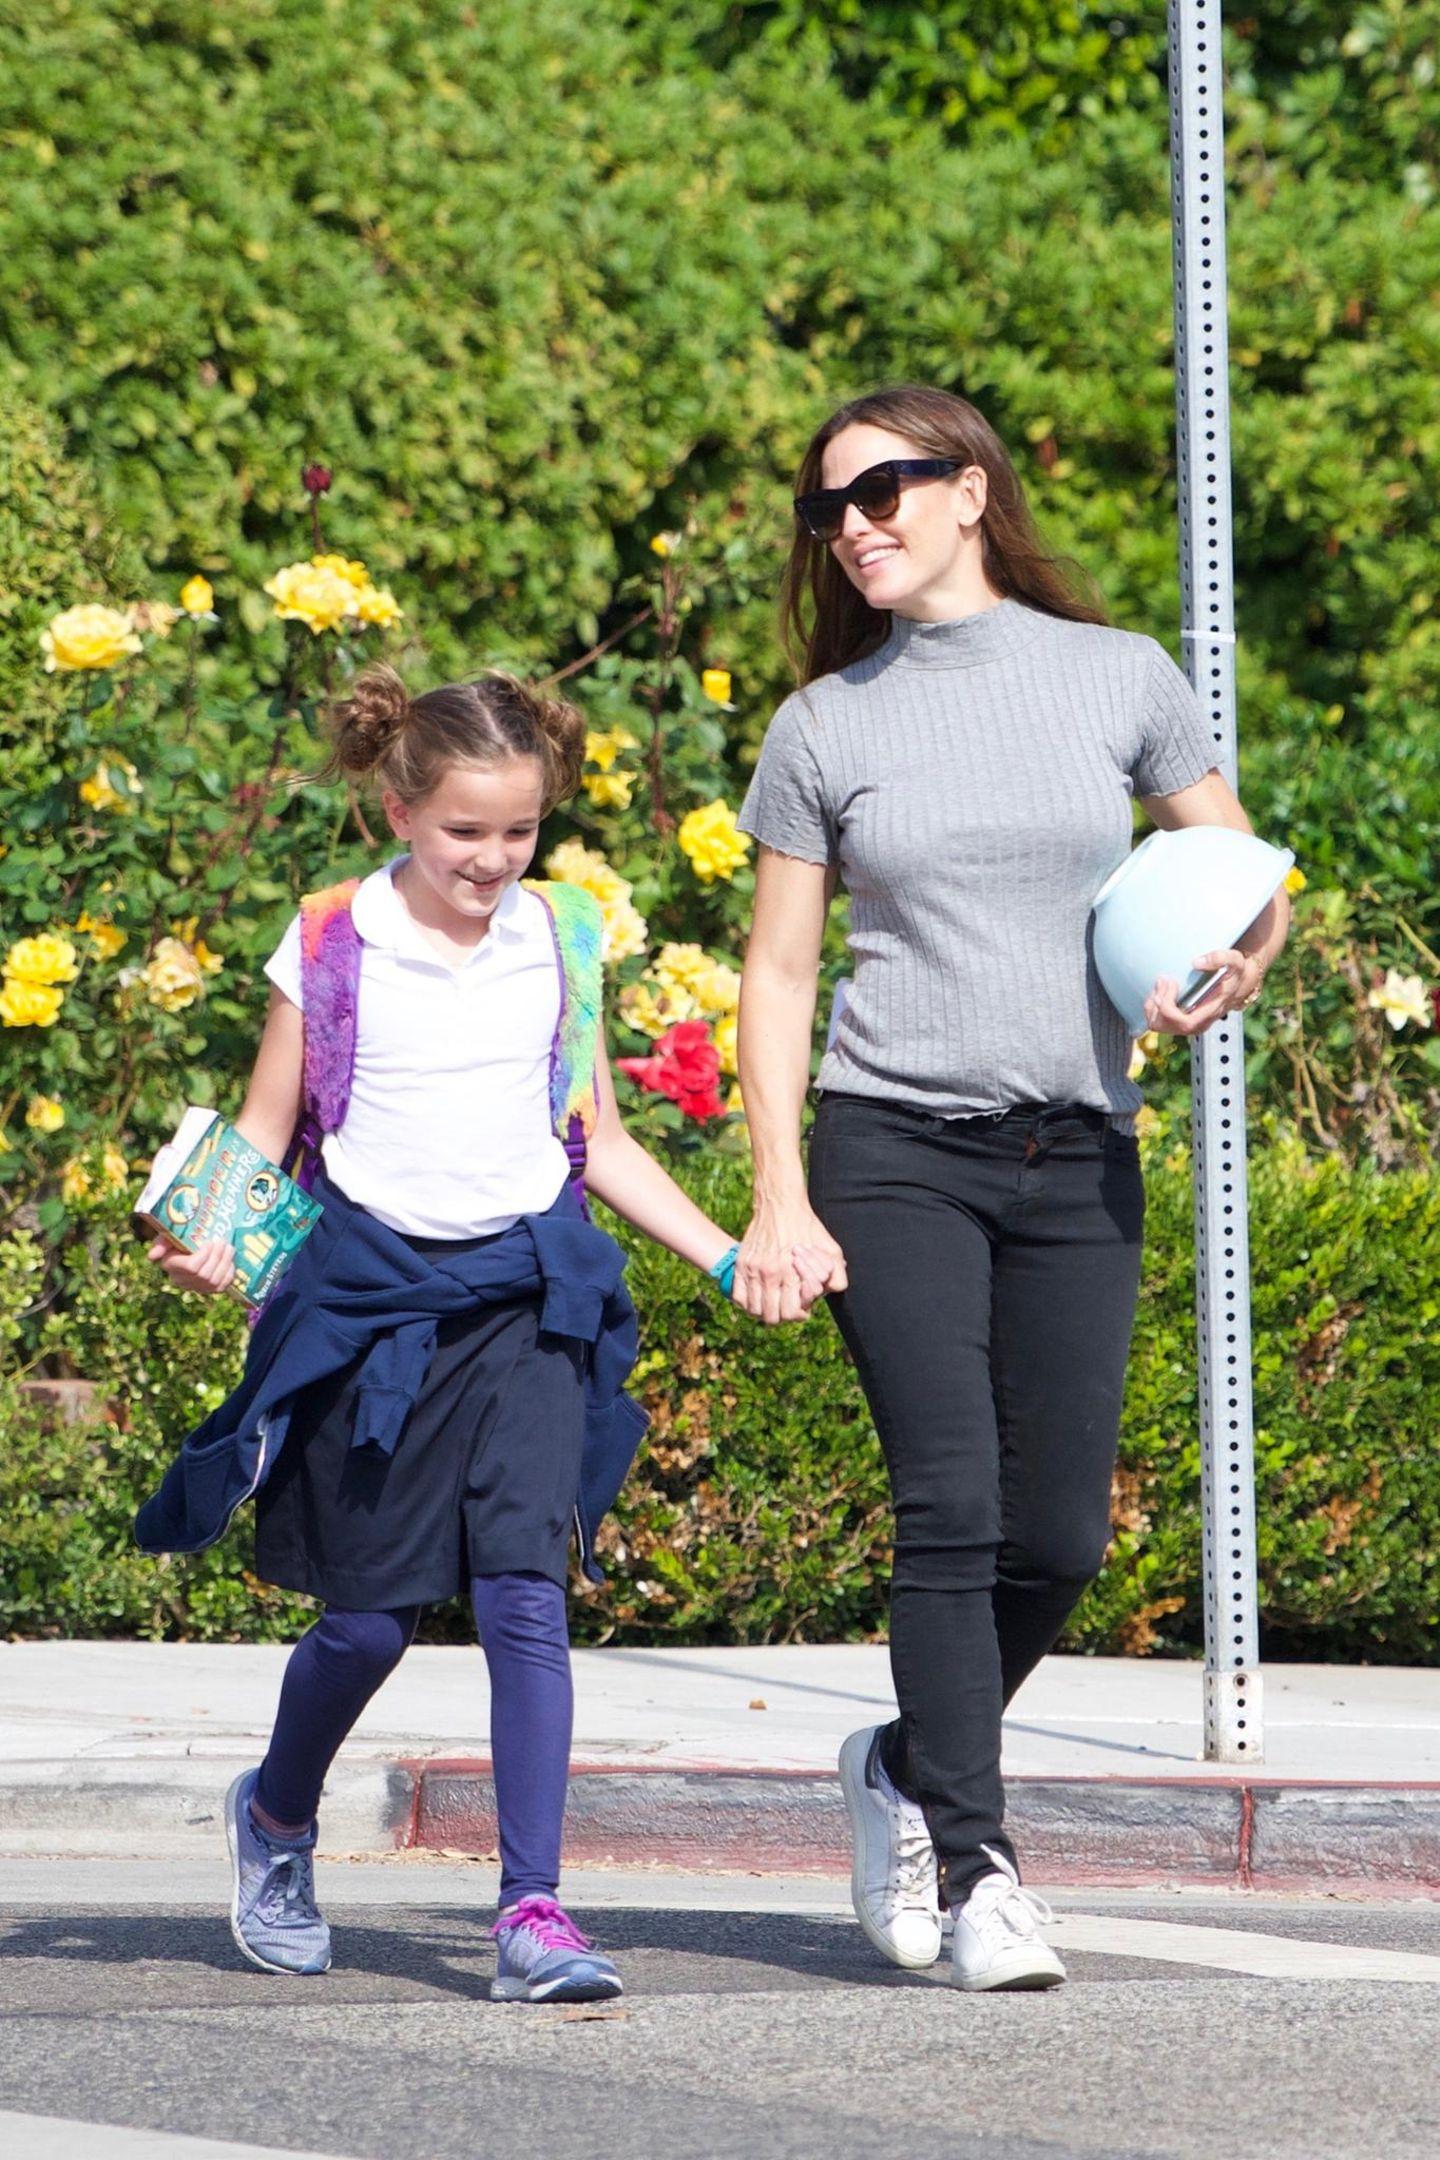 27. September 2018  Gut gelaunt holt Schauspielerin Jennifer Garner ihre Tochter Seraphina von der Schule ab. Beim Spaziergang gibt es scheinbar viel zu erzählen.